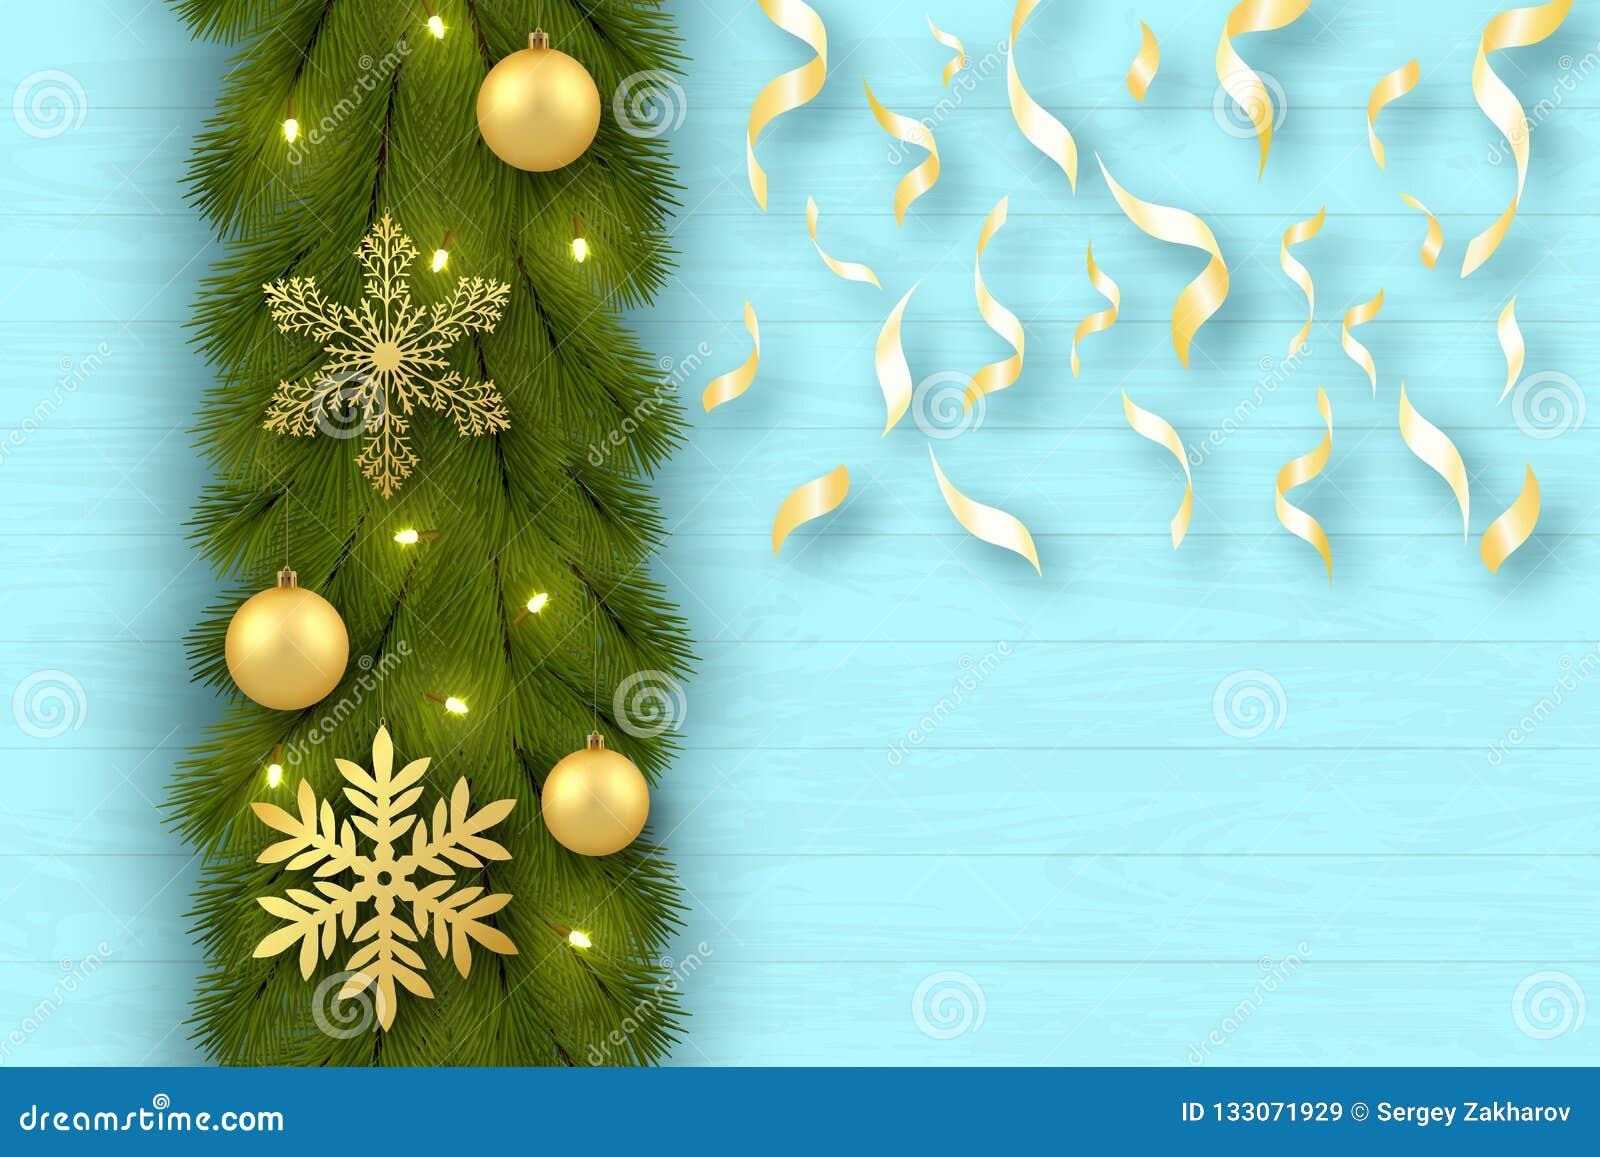 приветствие рождества карточки веселое предпосылка праздничная Ветви дерева аранжированы вертикально Игрушки, золотые шарики, сне